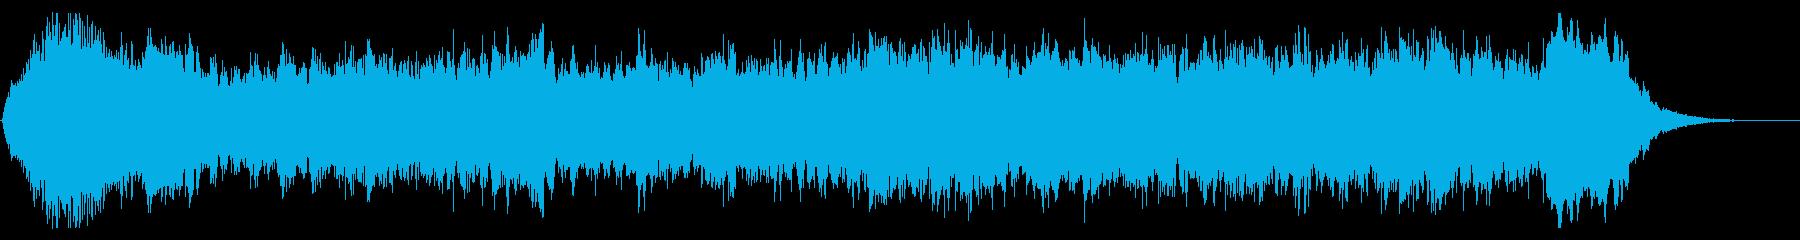 ホラー調なハロウィン オープニングテーマの再生済みの波形